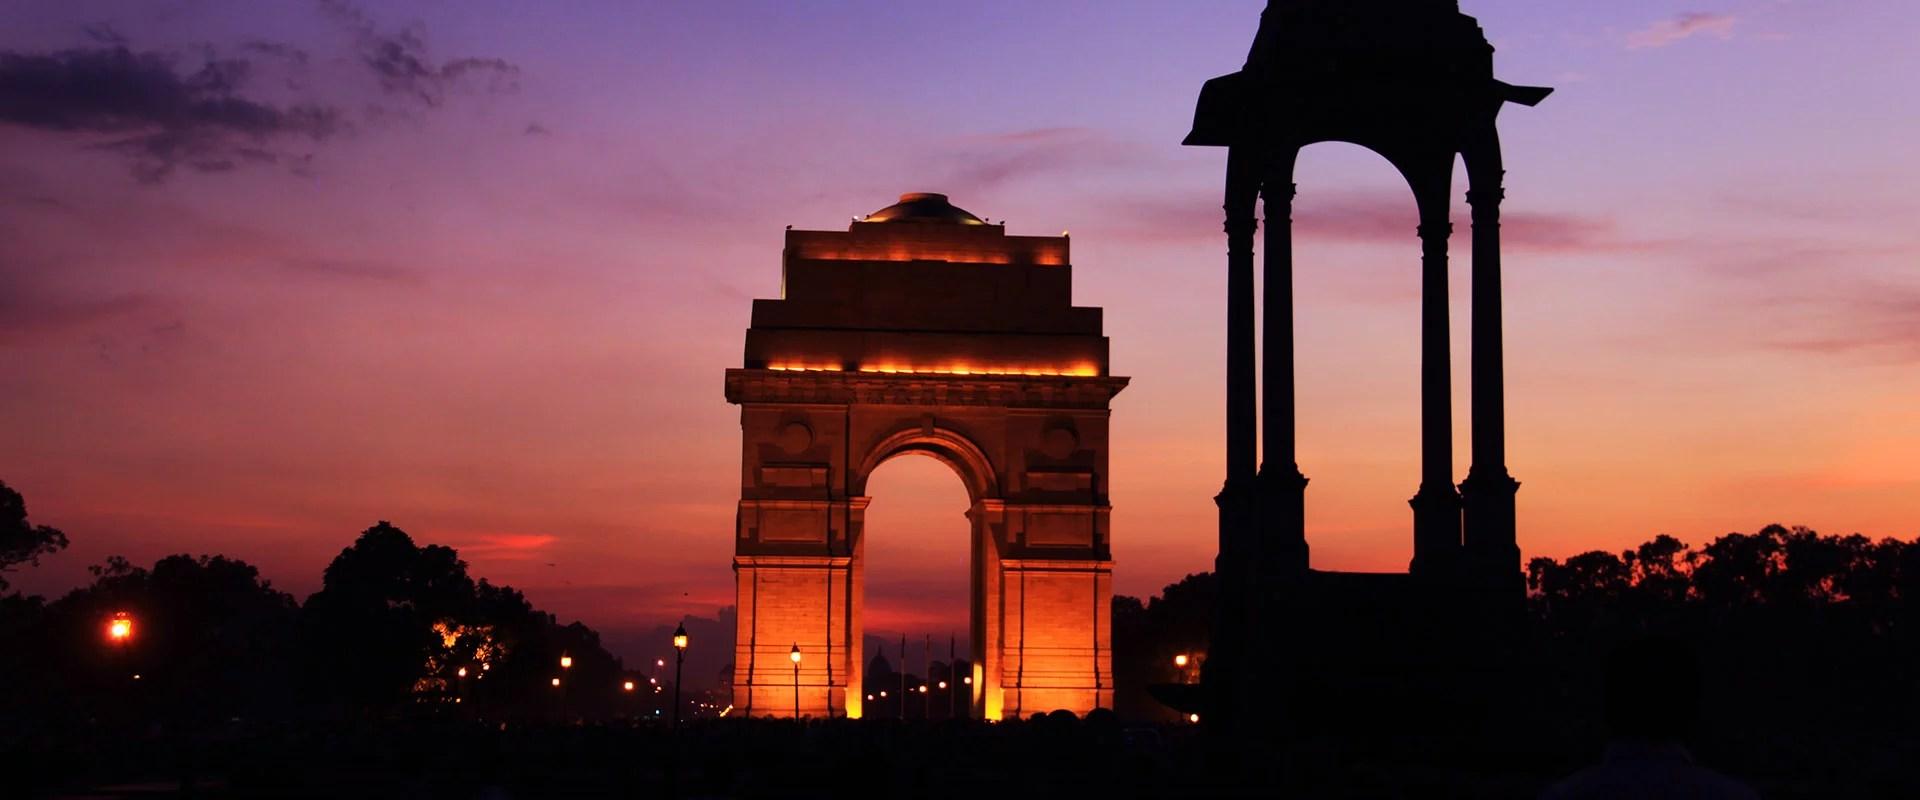 DELHI-Let Capital of India breath